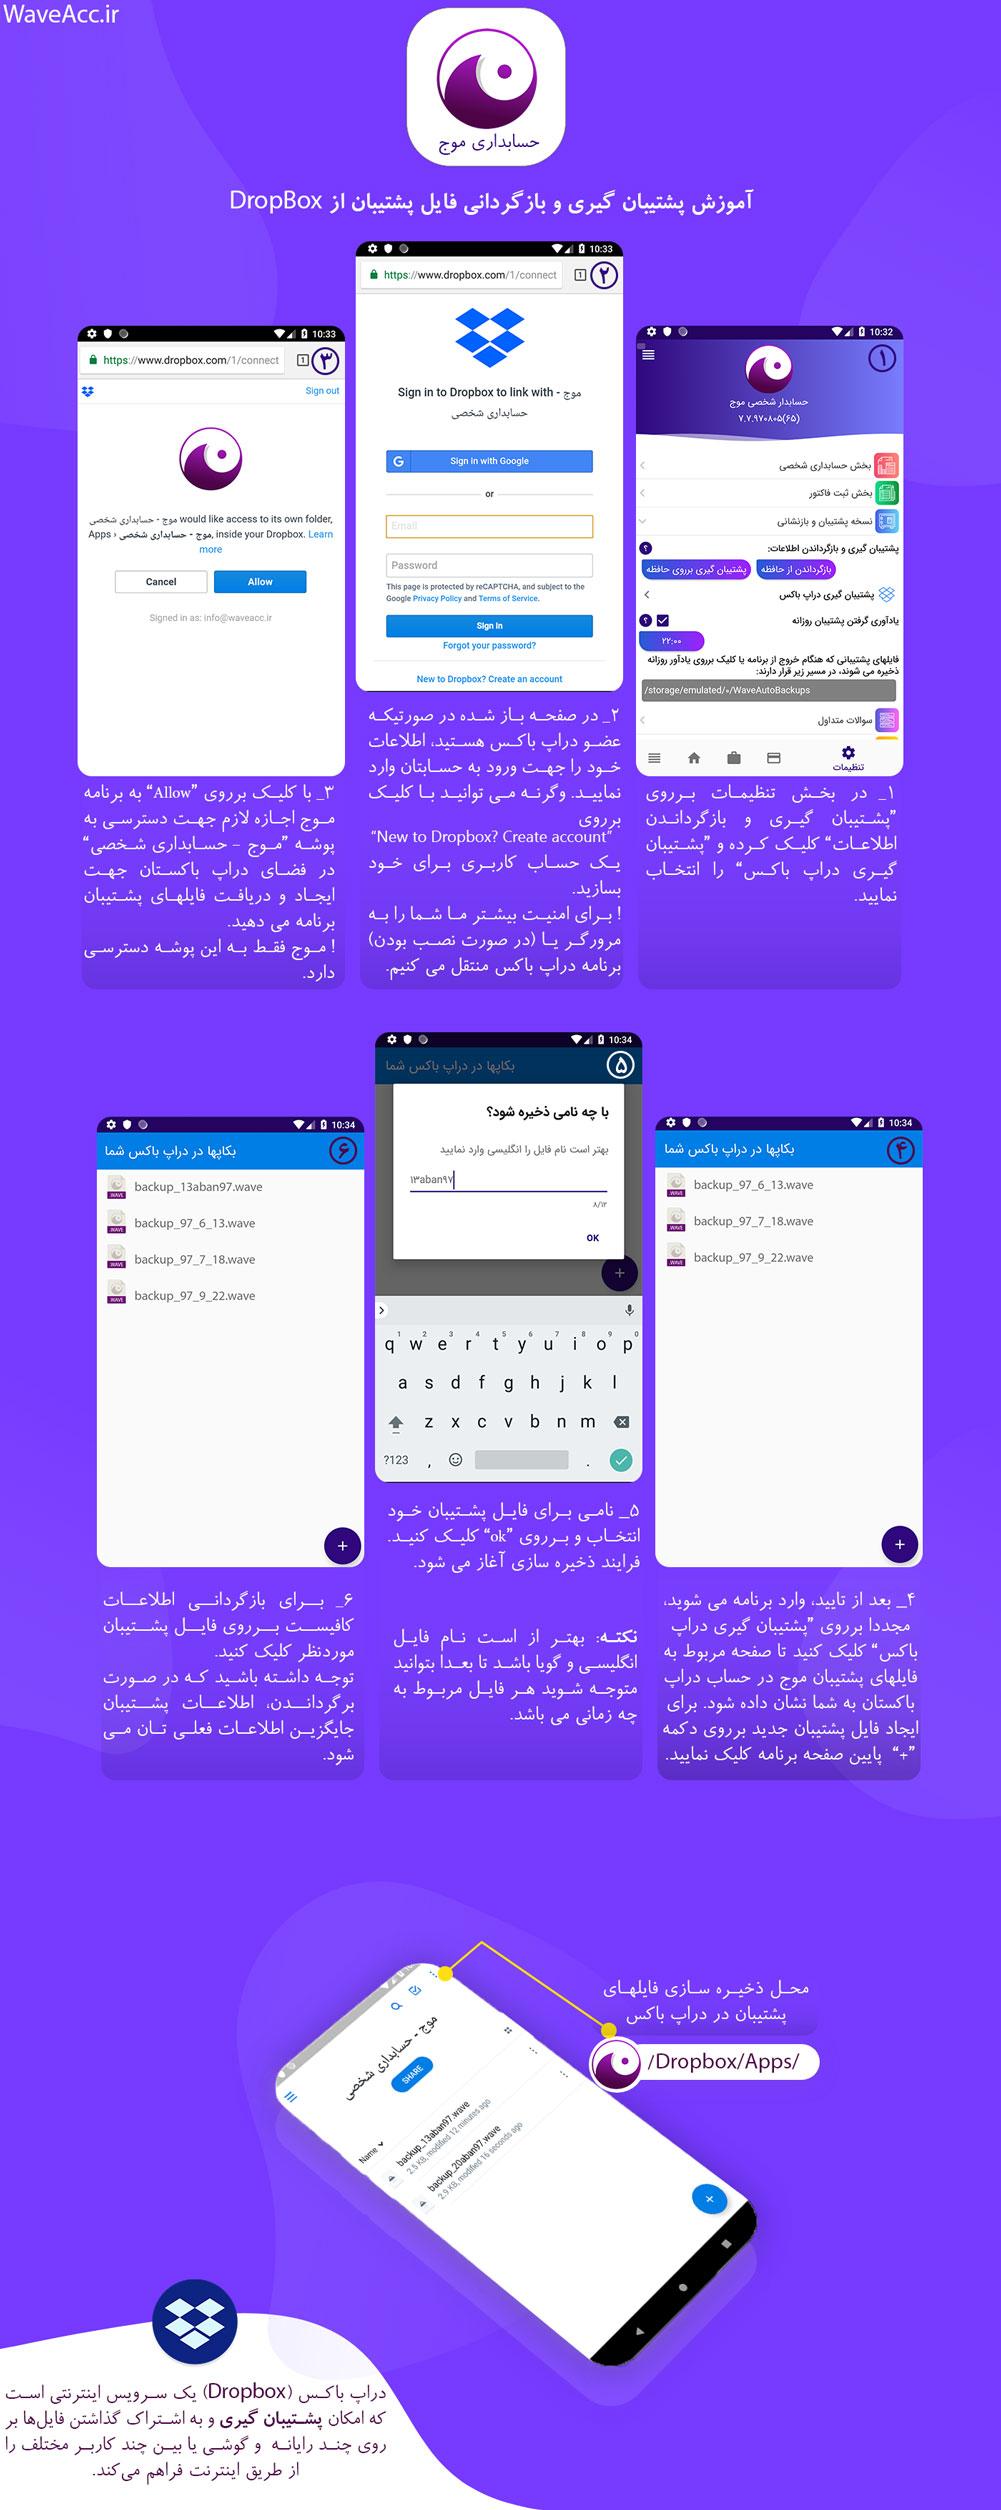 آموزش پشتیبان گیری و بازگردانی فایل پشتیبان از دراپ باکس